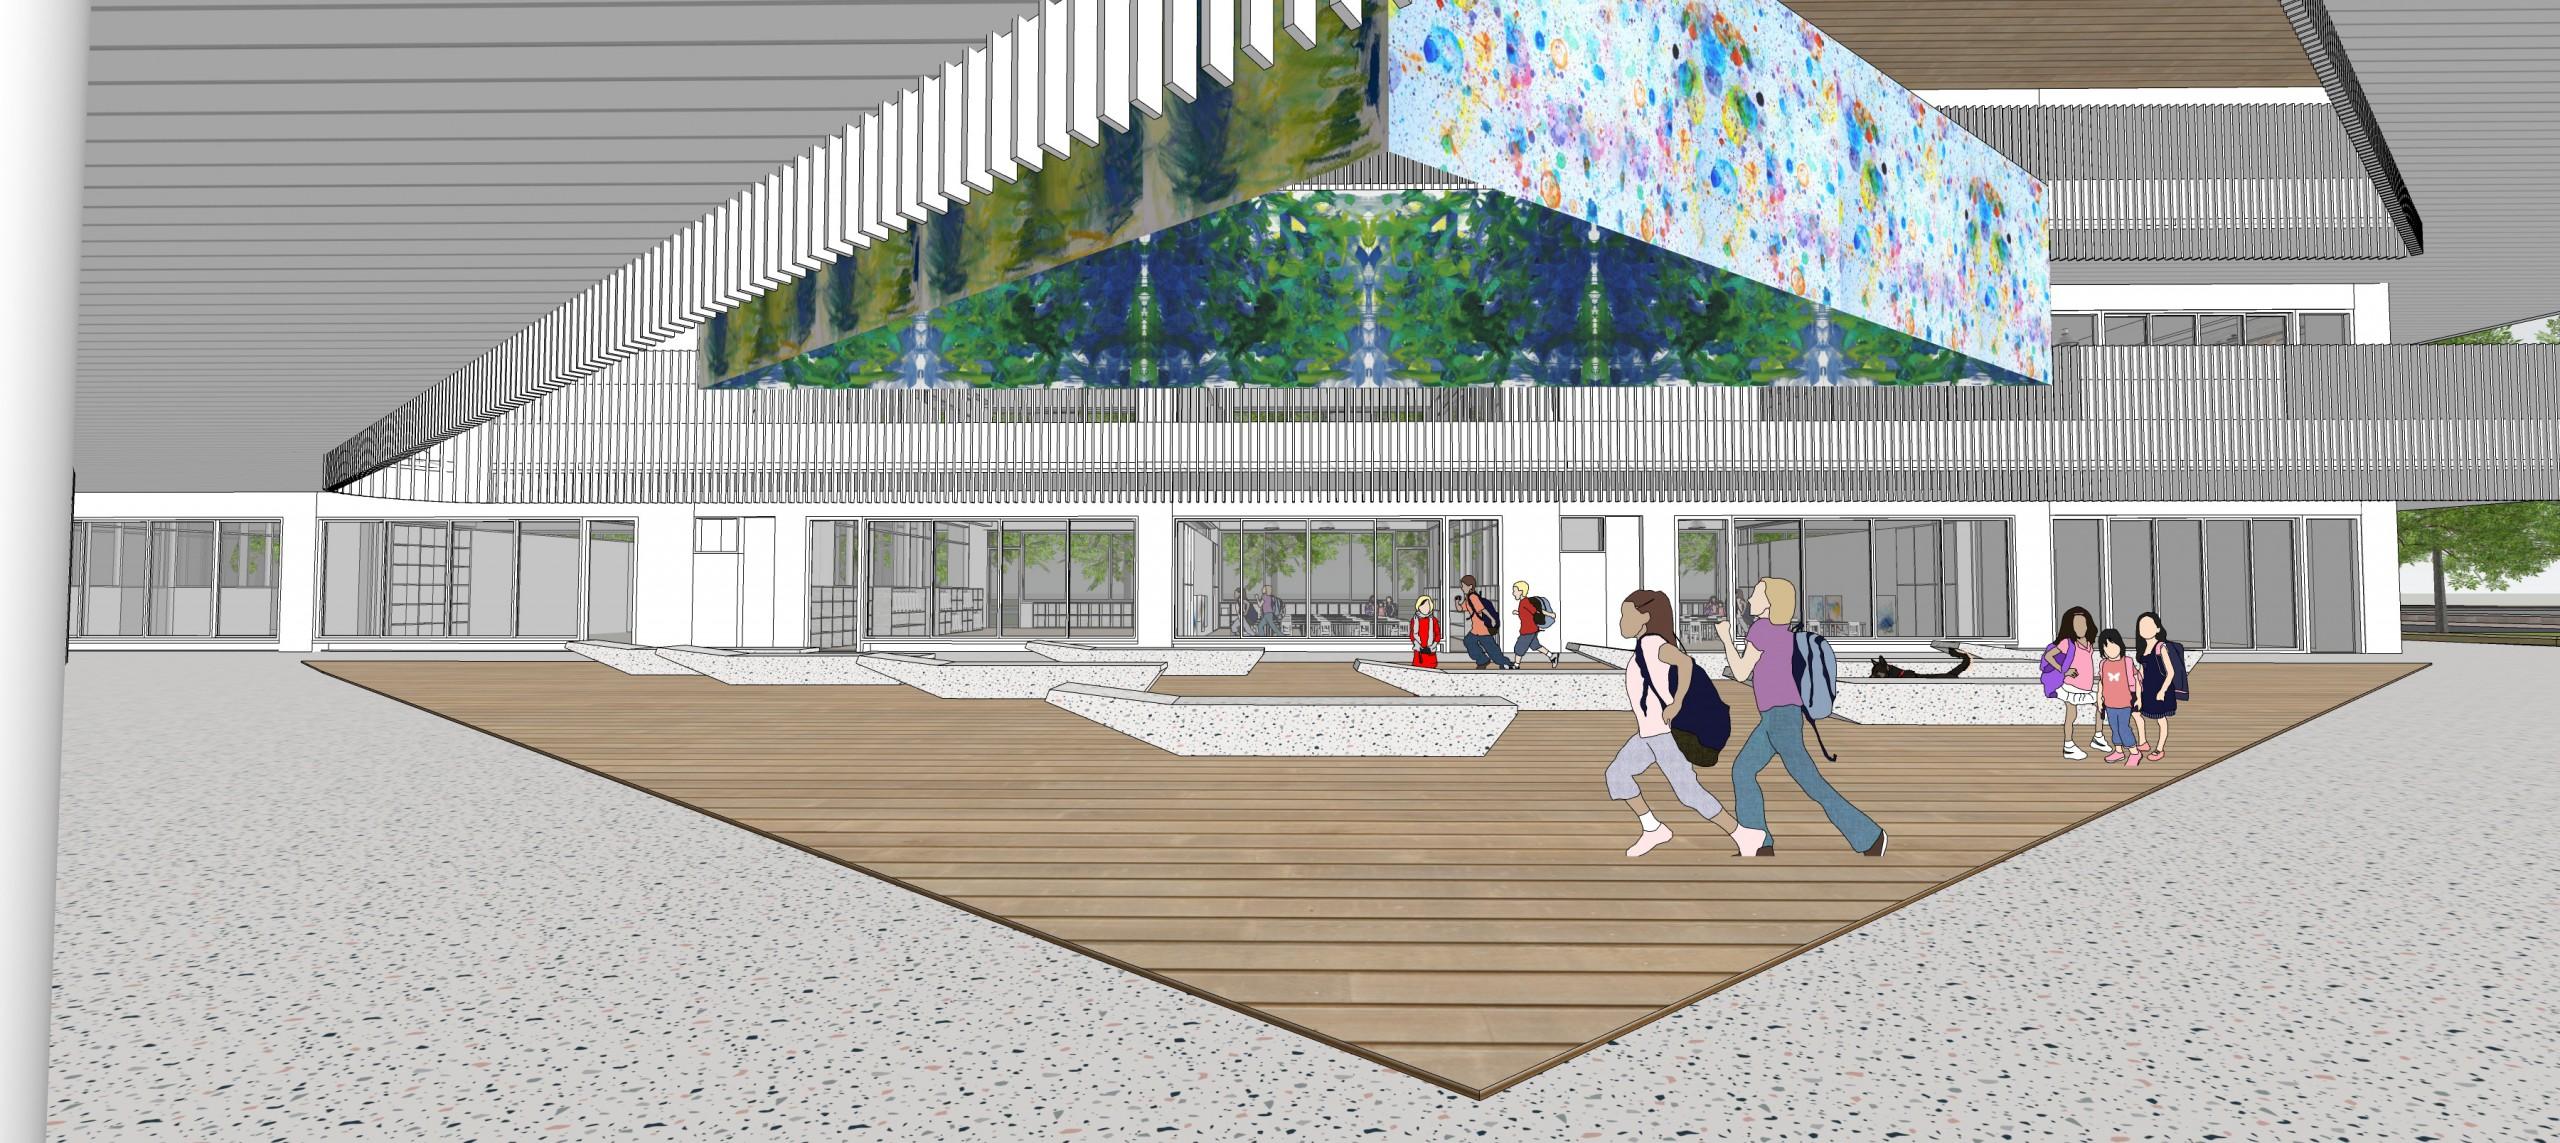 德築-DEZU-project-淡海大芽幼兒園-architecture-3Drendering-7